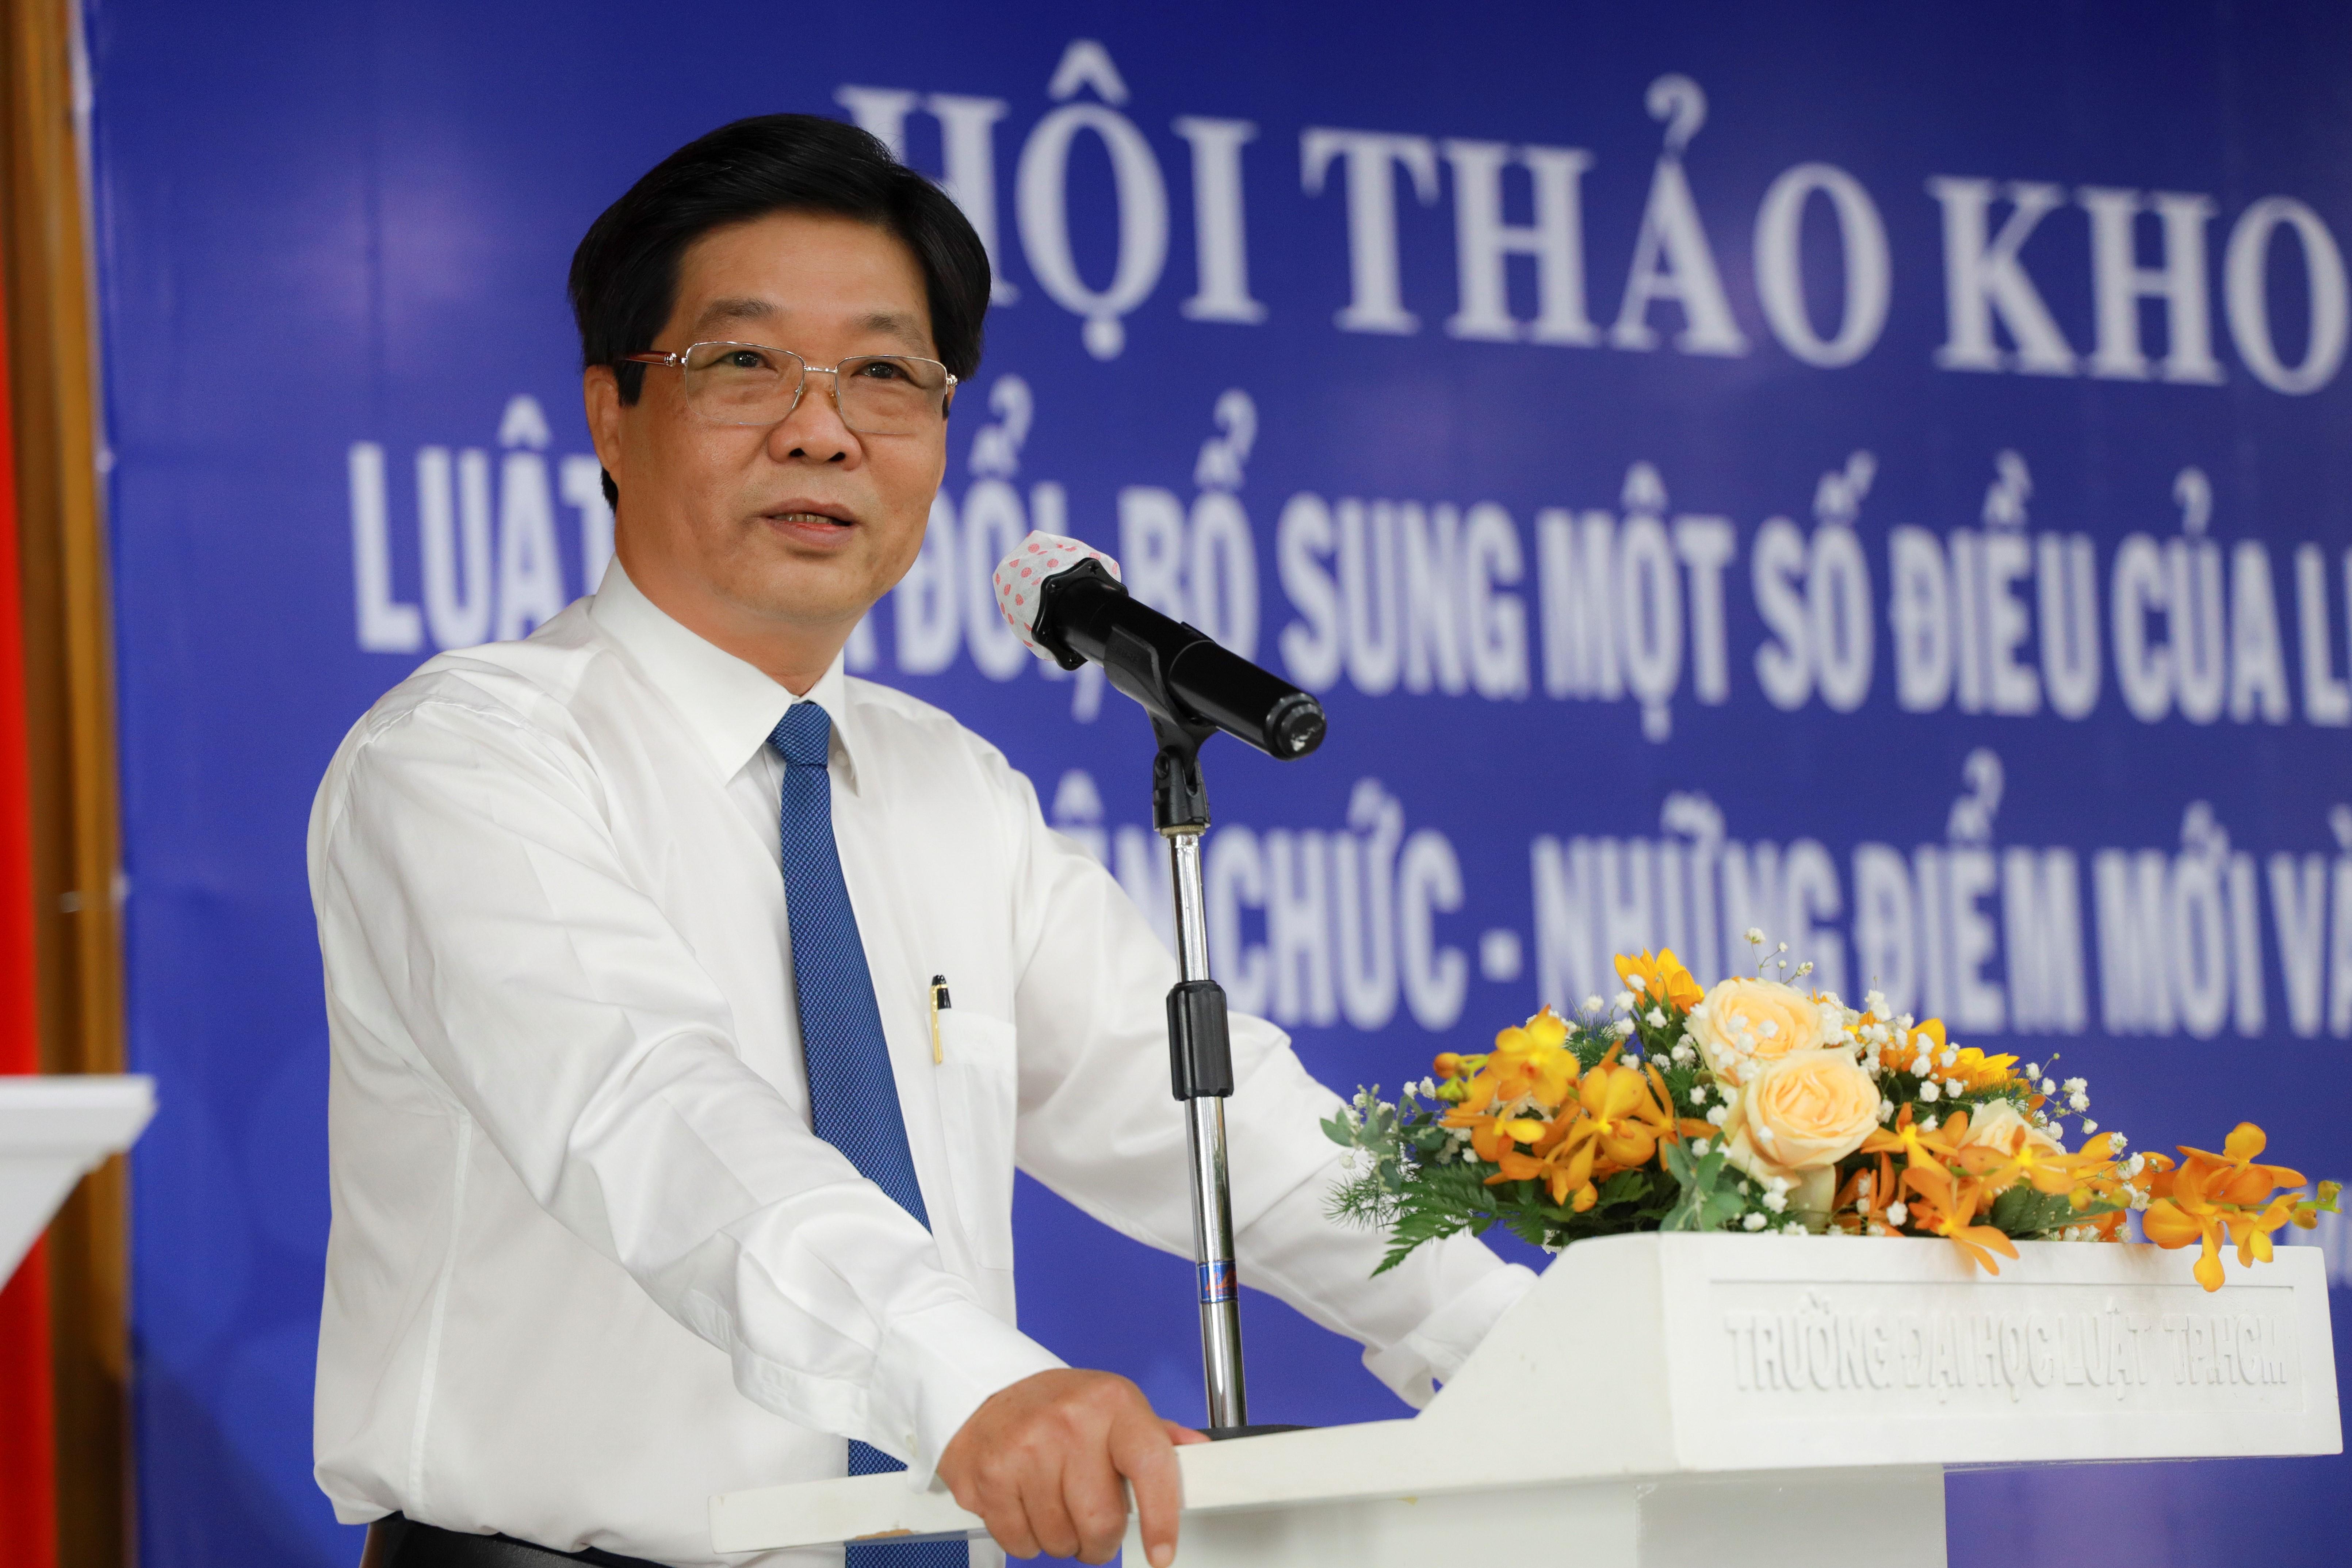 PGS.TS Trần Hoàng Hải, Phó Hiệu trưởng phụ trách trường ĐH Luật TP HCM phát biểu khai mạc tại Hội thảo.